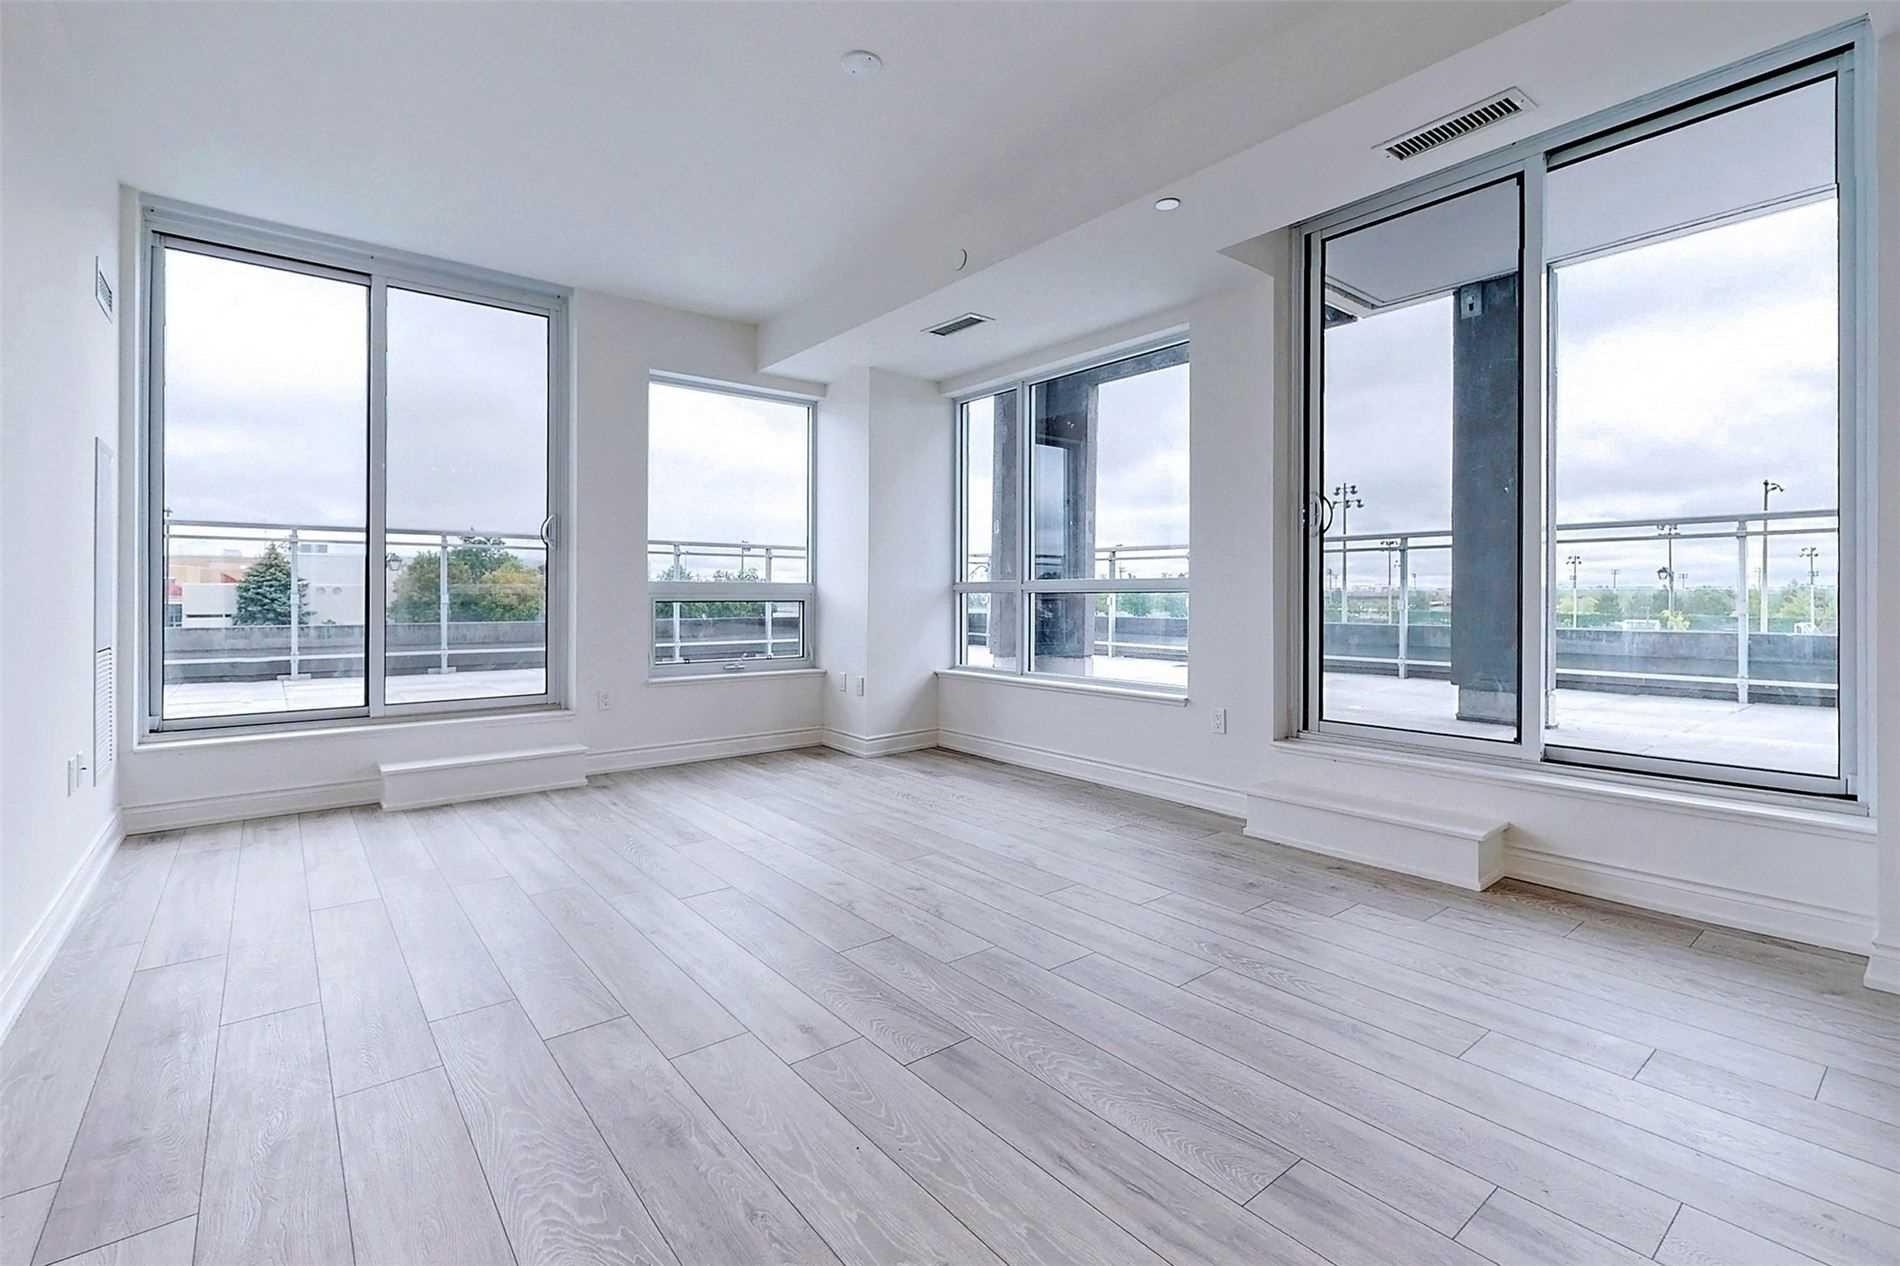 221 - 1050 Main St E - Dempsey Condo Apt for sale, 3 Bedrooms (W5398557) - #10